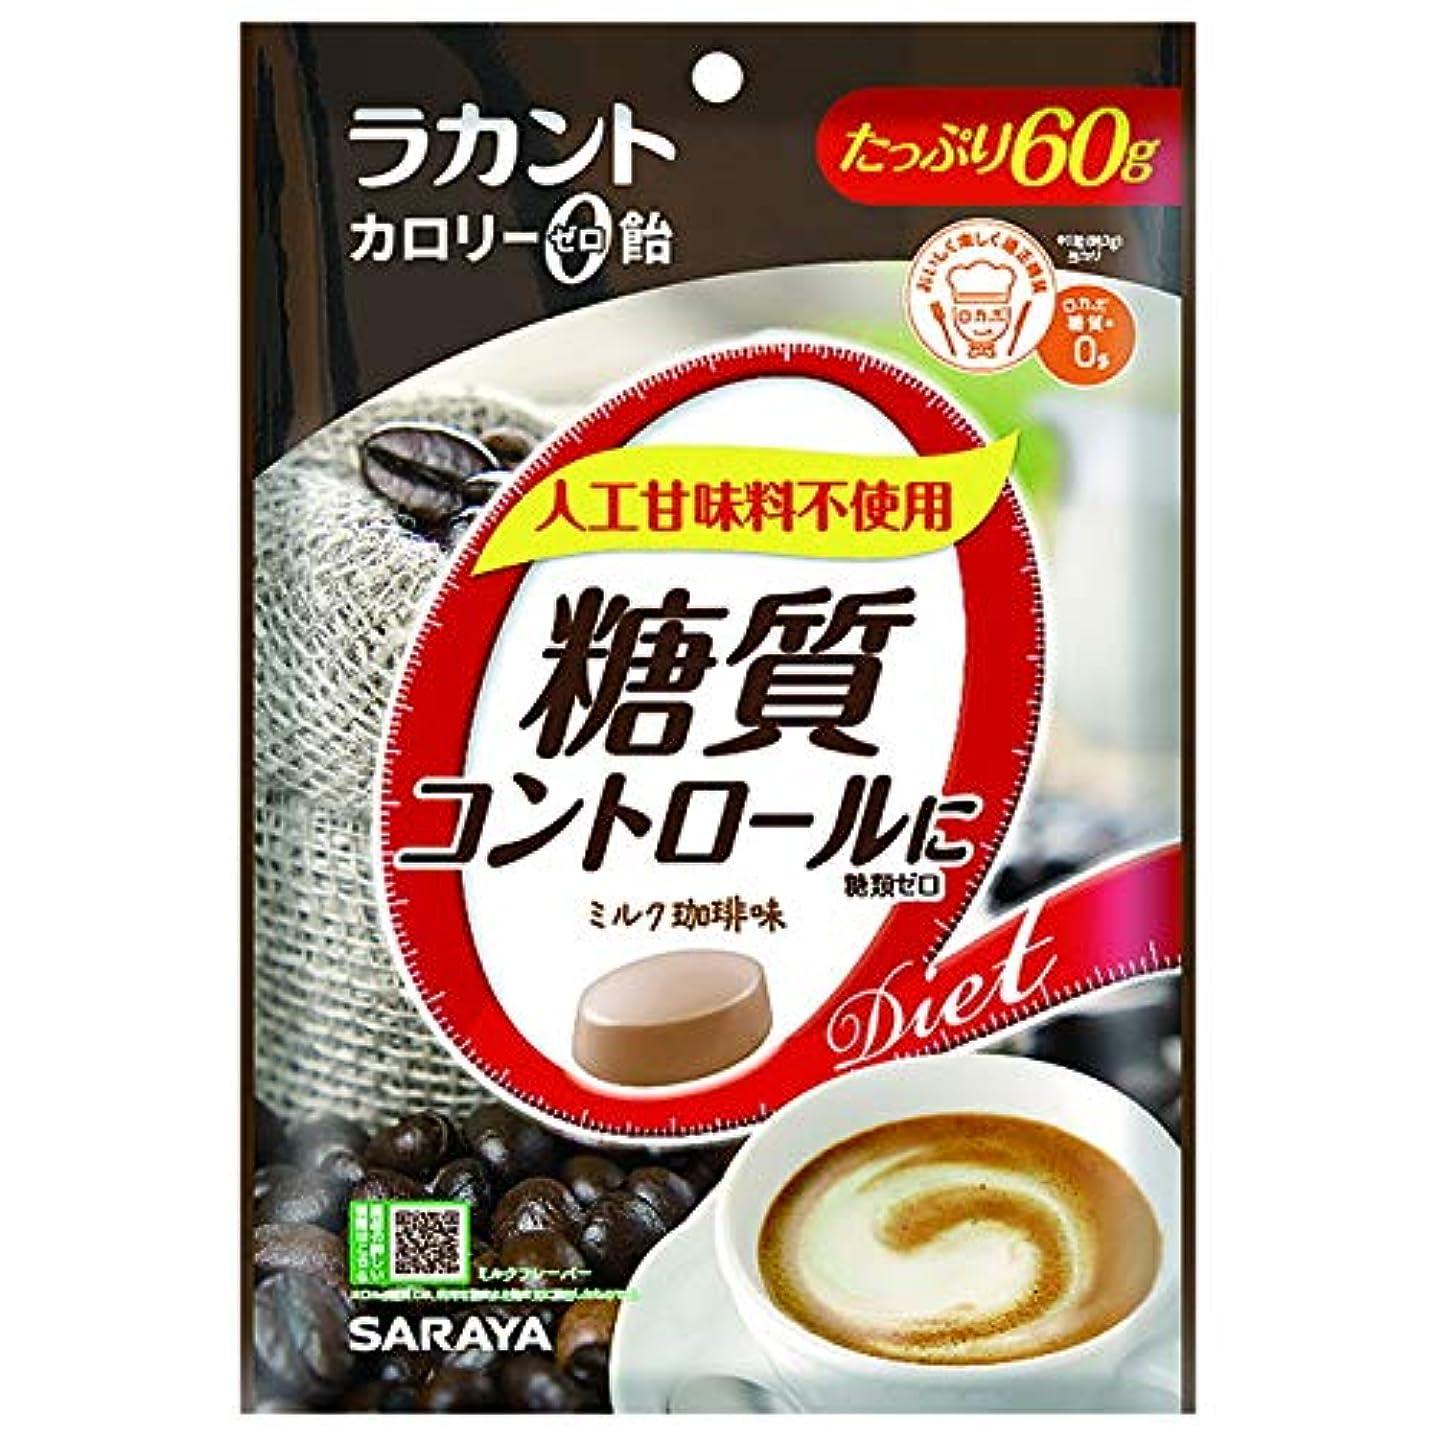 教会海上ロードされたラカント カロリーゼロ飴 ミルク珈琲 60g【3個セット】